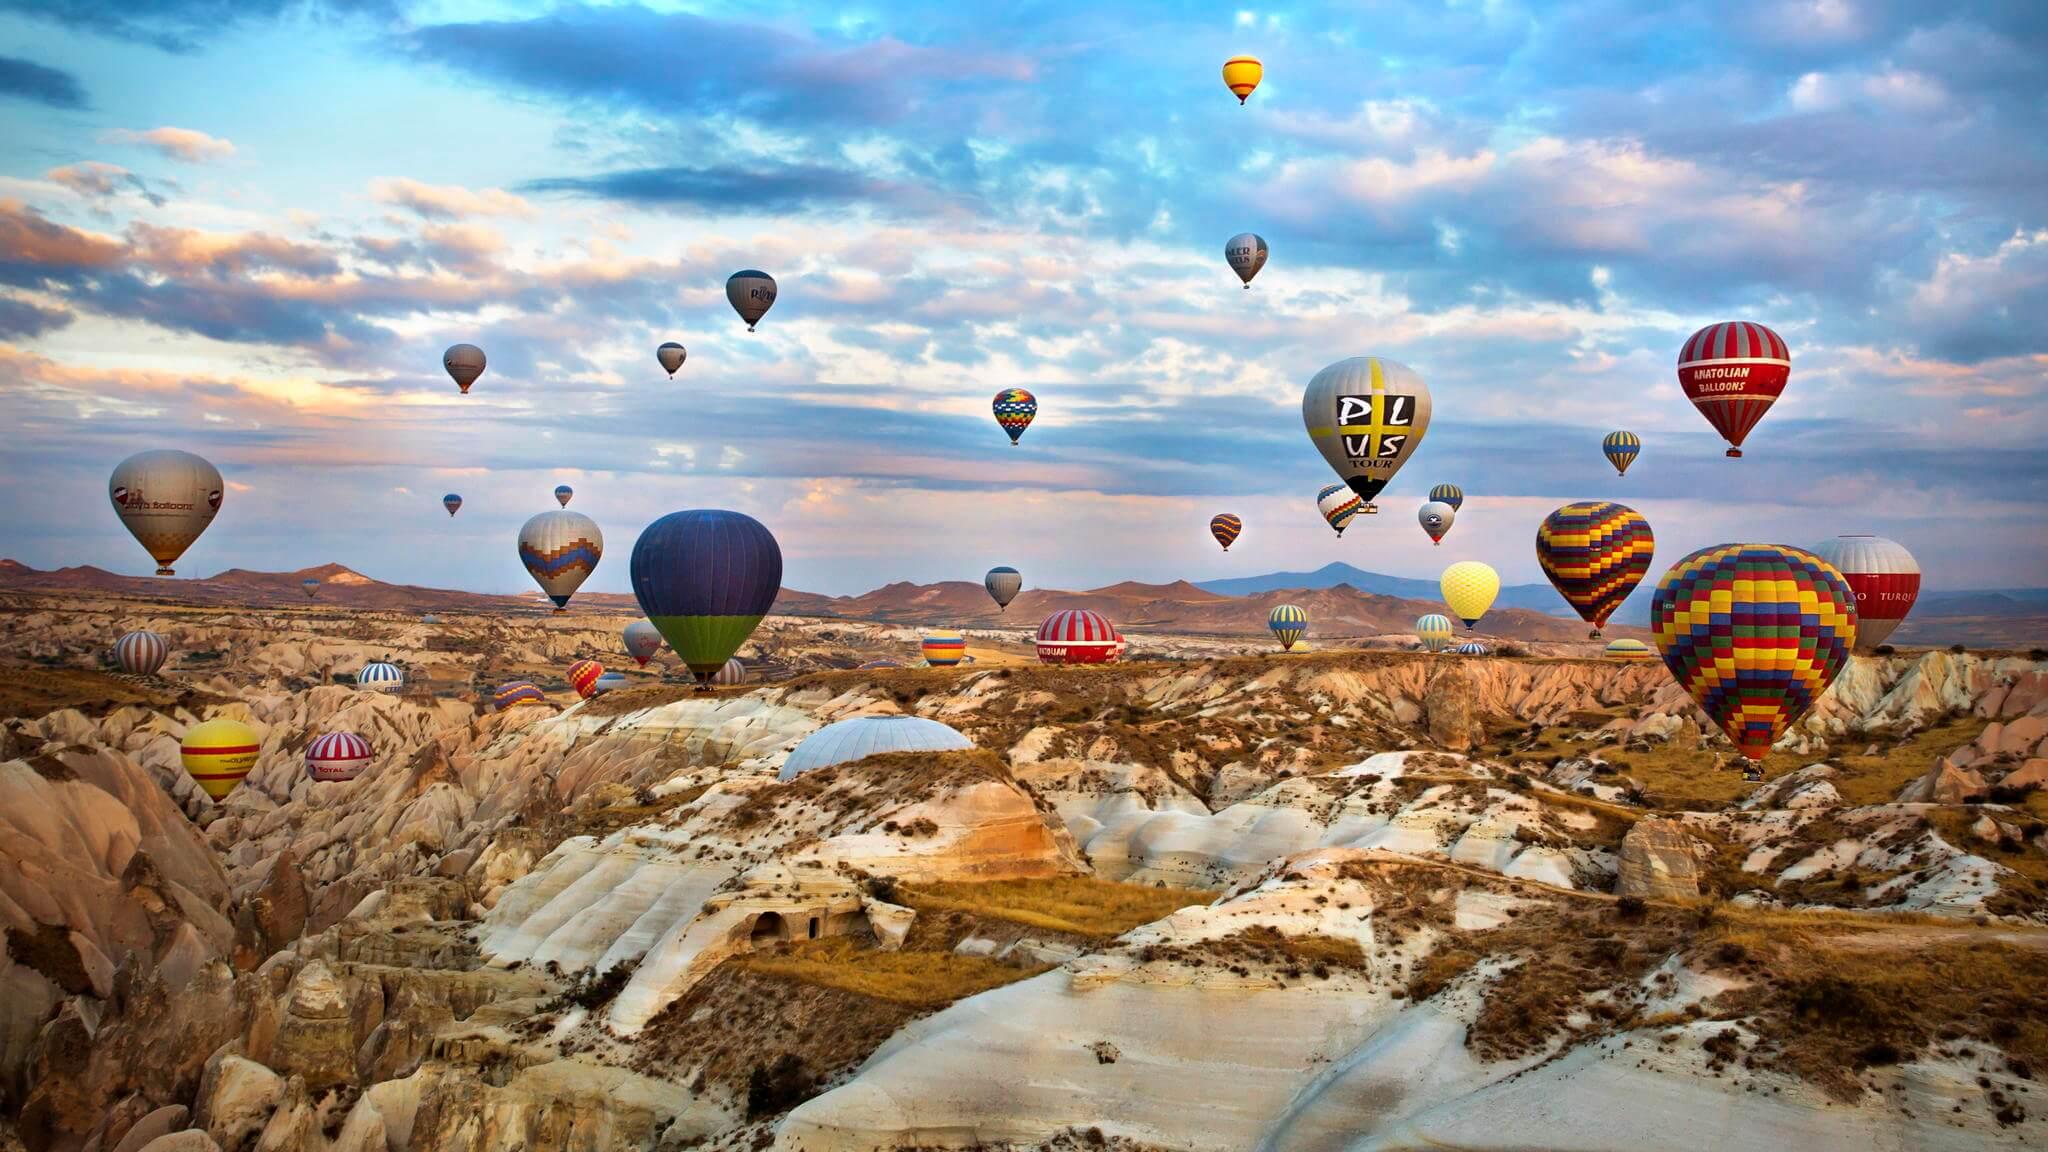 Hình ảnh khinh khí cầu đẹp nhất